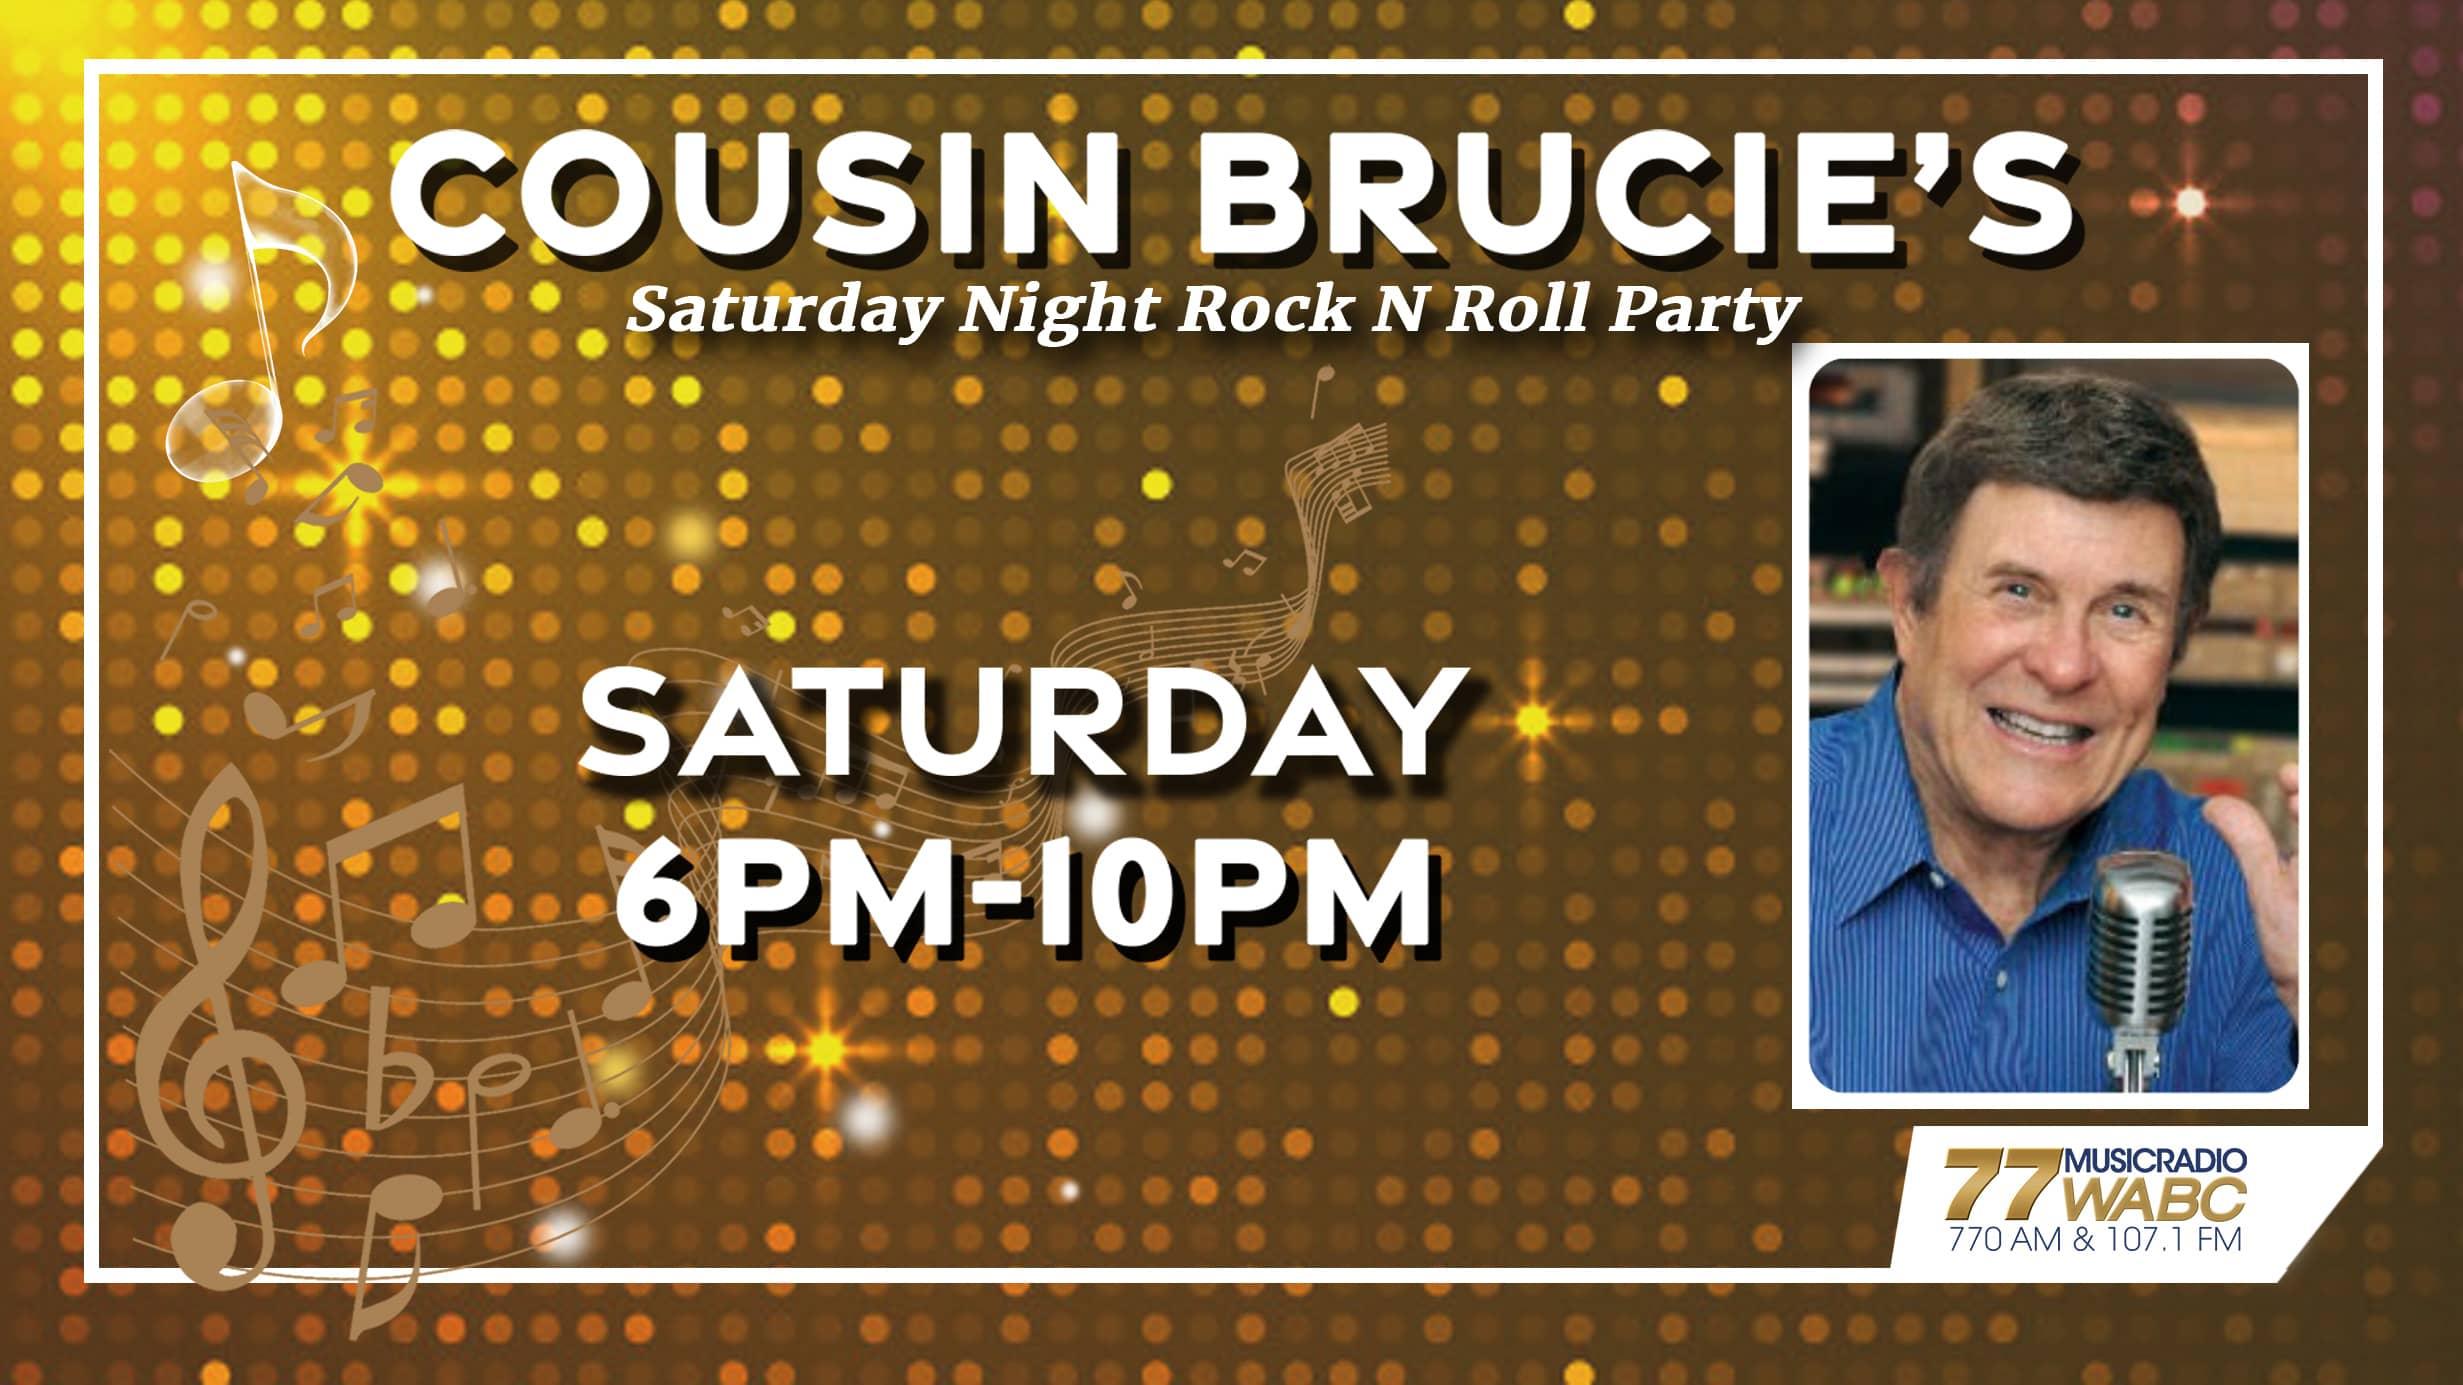 Cousin Brucie